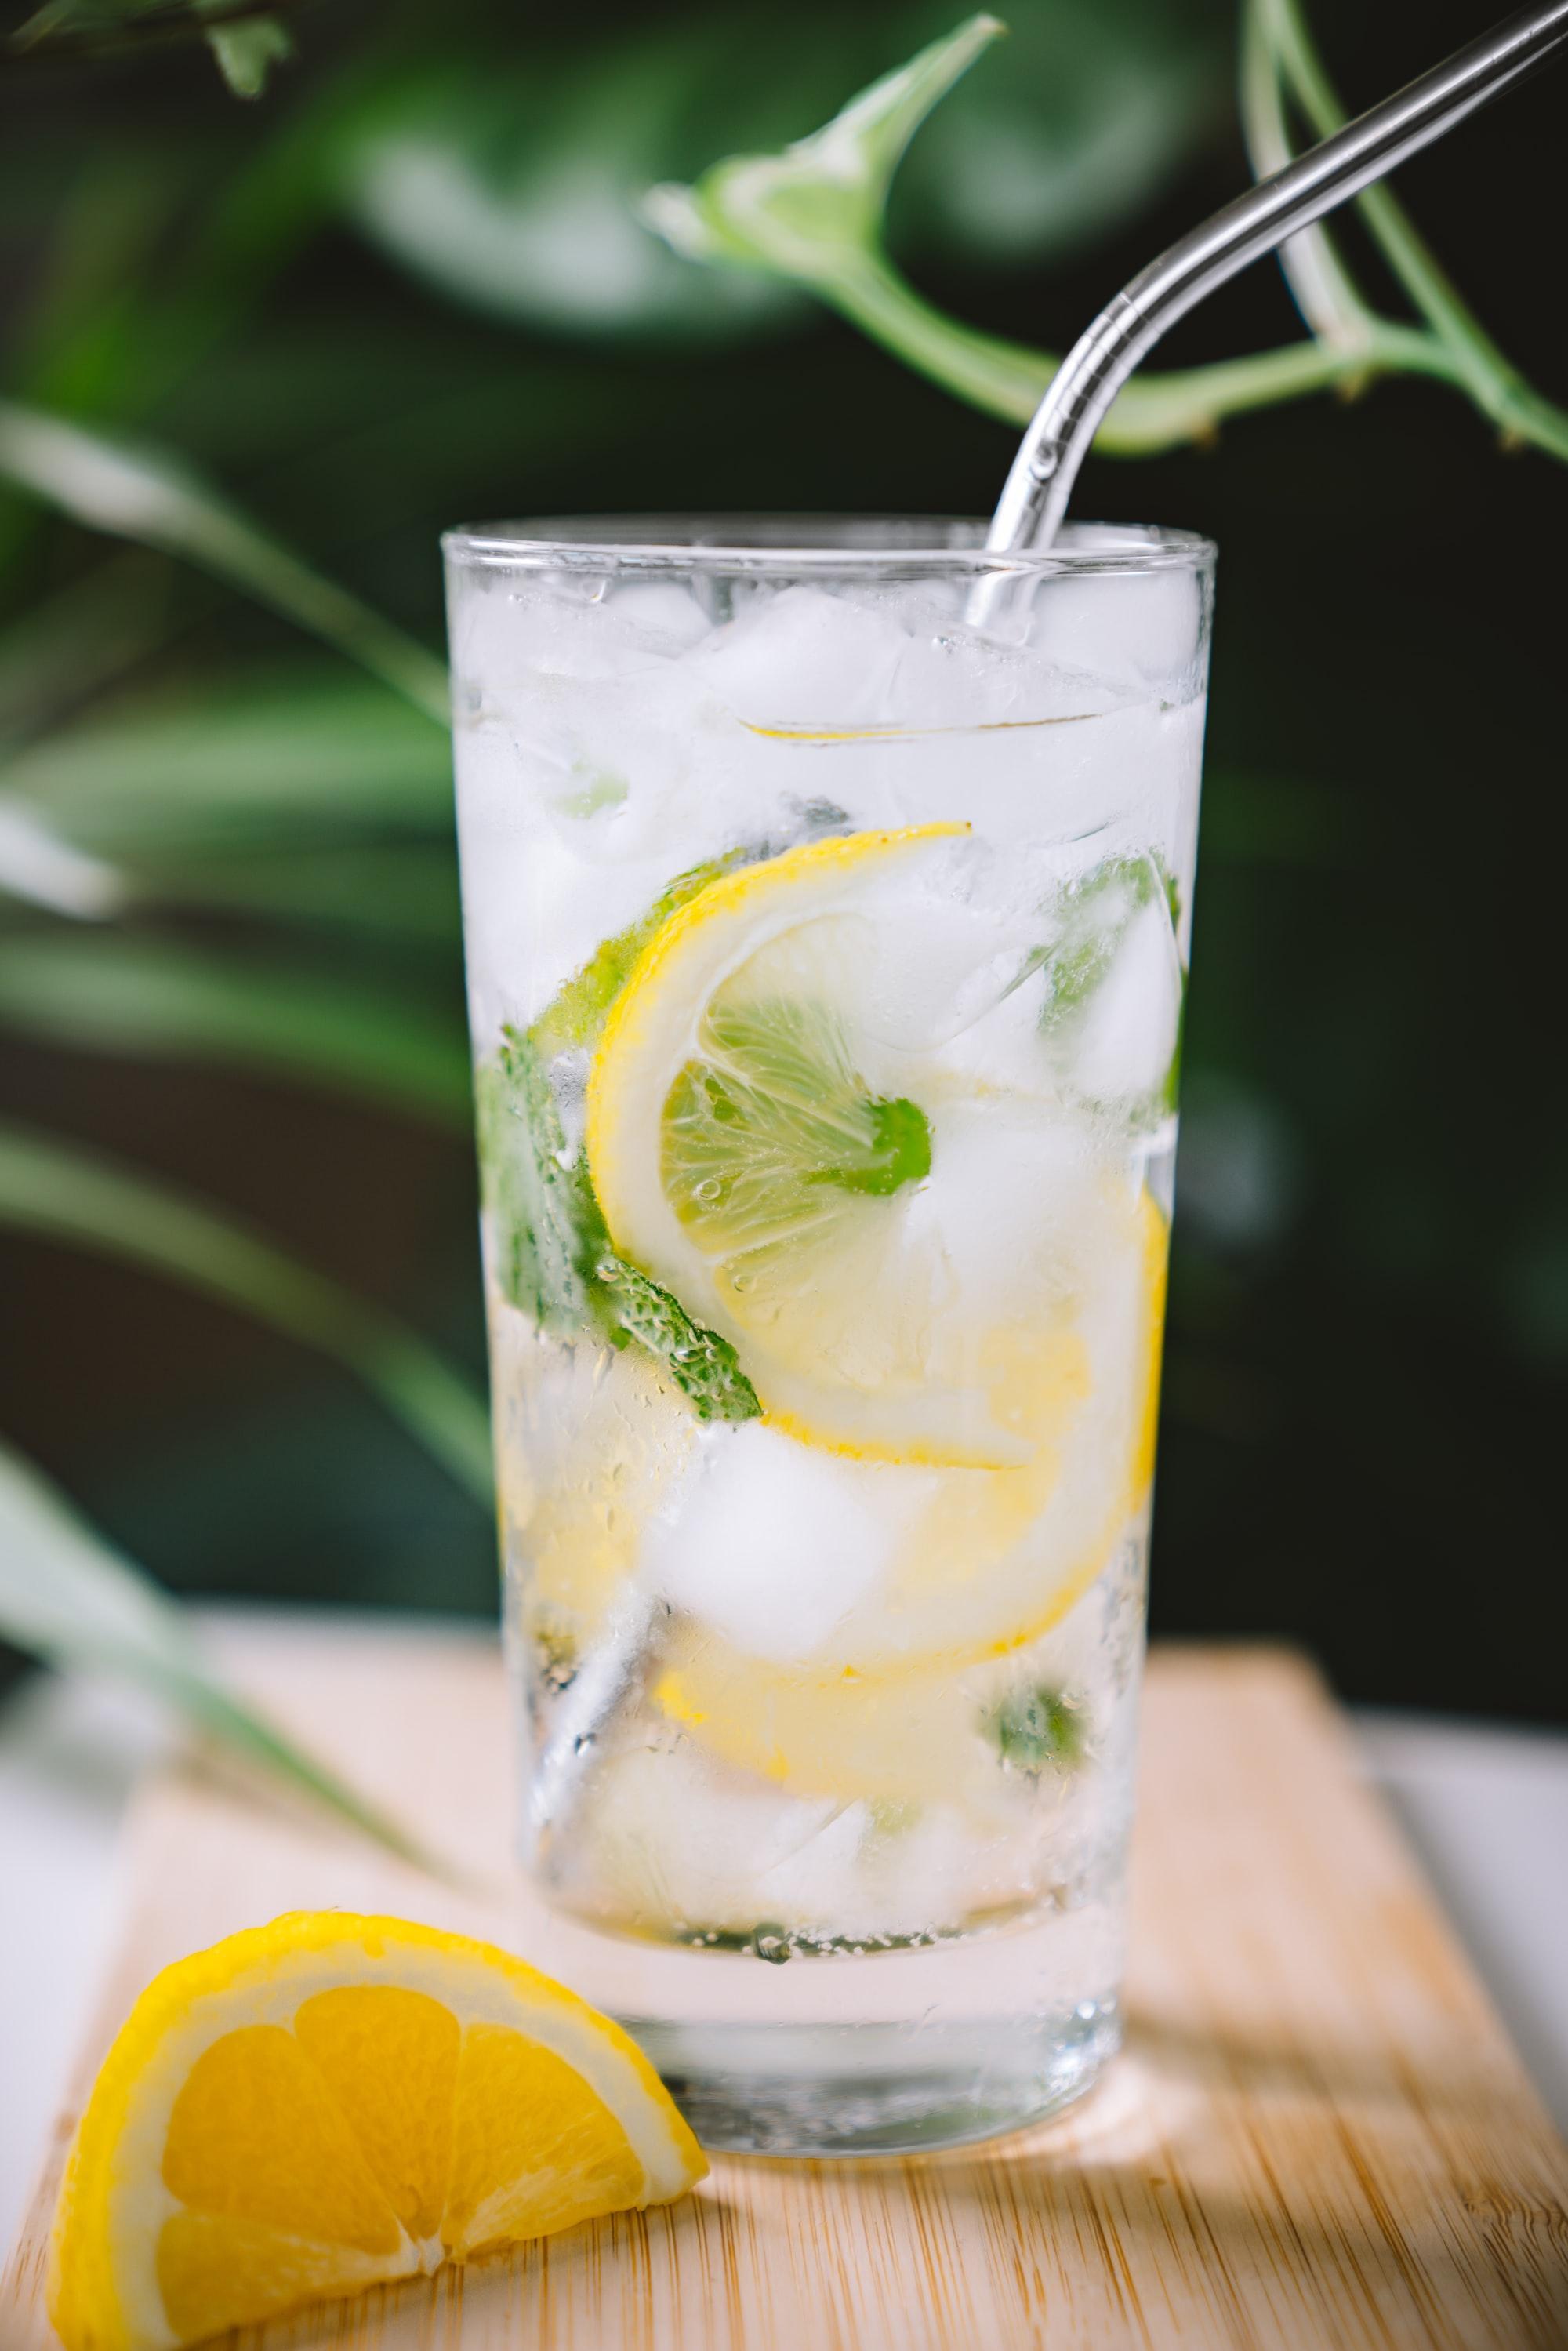 When life gives you lemons: Israeli Unicorn Lemonade announces $1.6B evaluation ahead of NYSE IPO